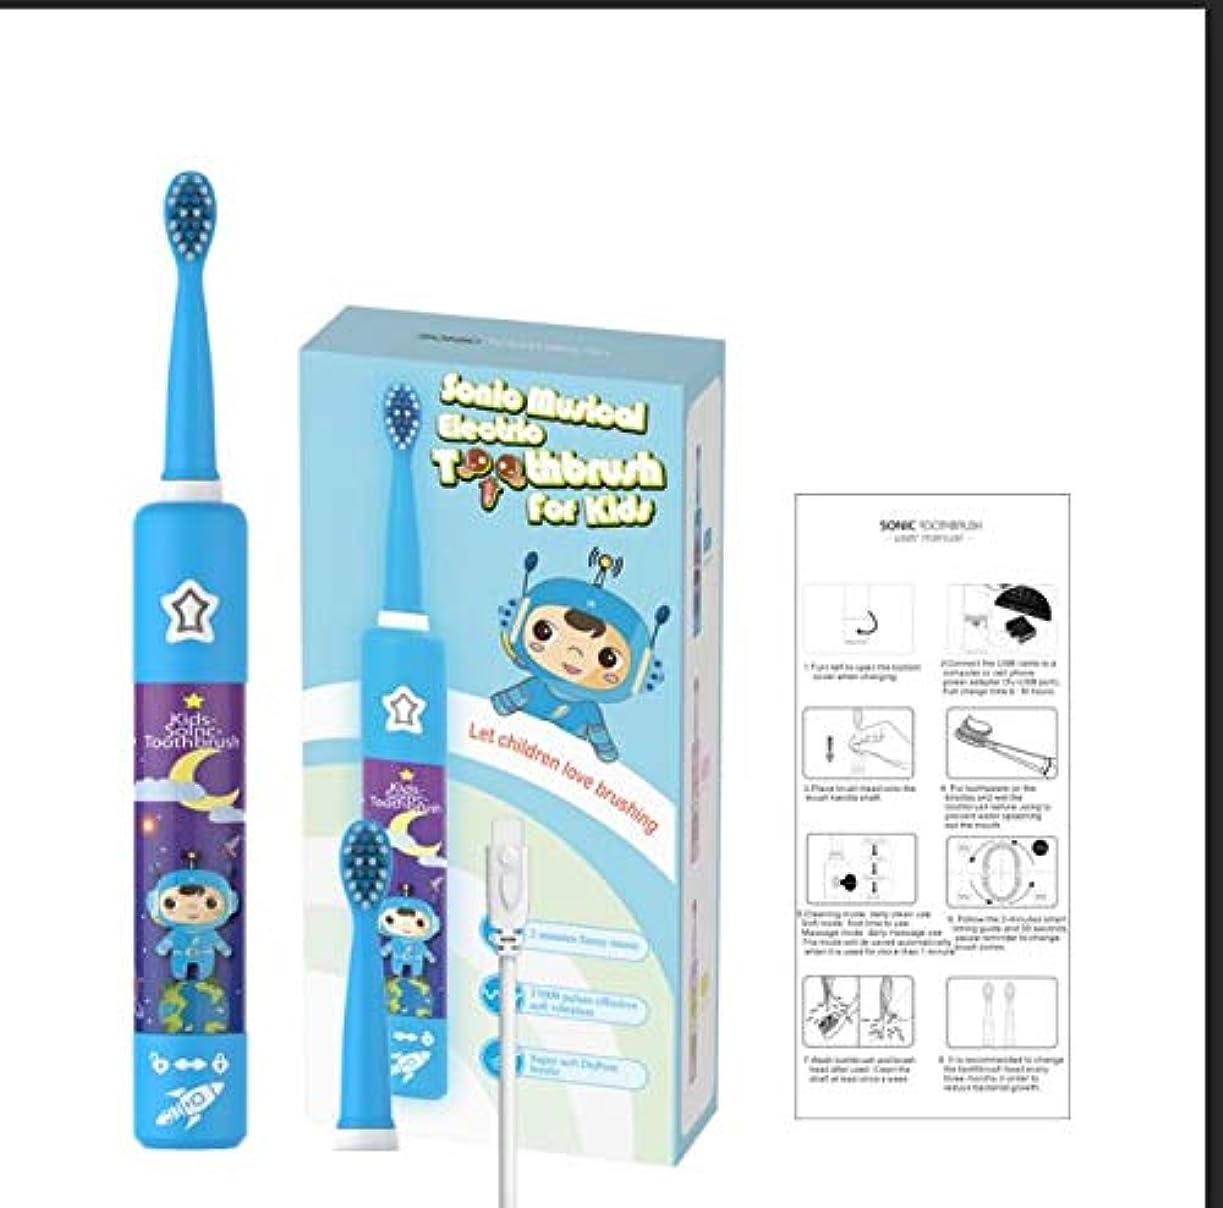 熱い販売 クリーニング 新しいデザインスタイル 漫画パターン 電動ソニック歯ブラシ 子供音楽の歌 ホワイトニング ソニックブラシ (blue)